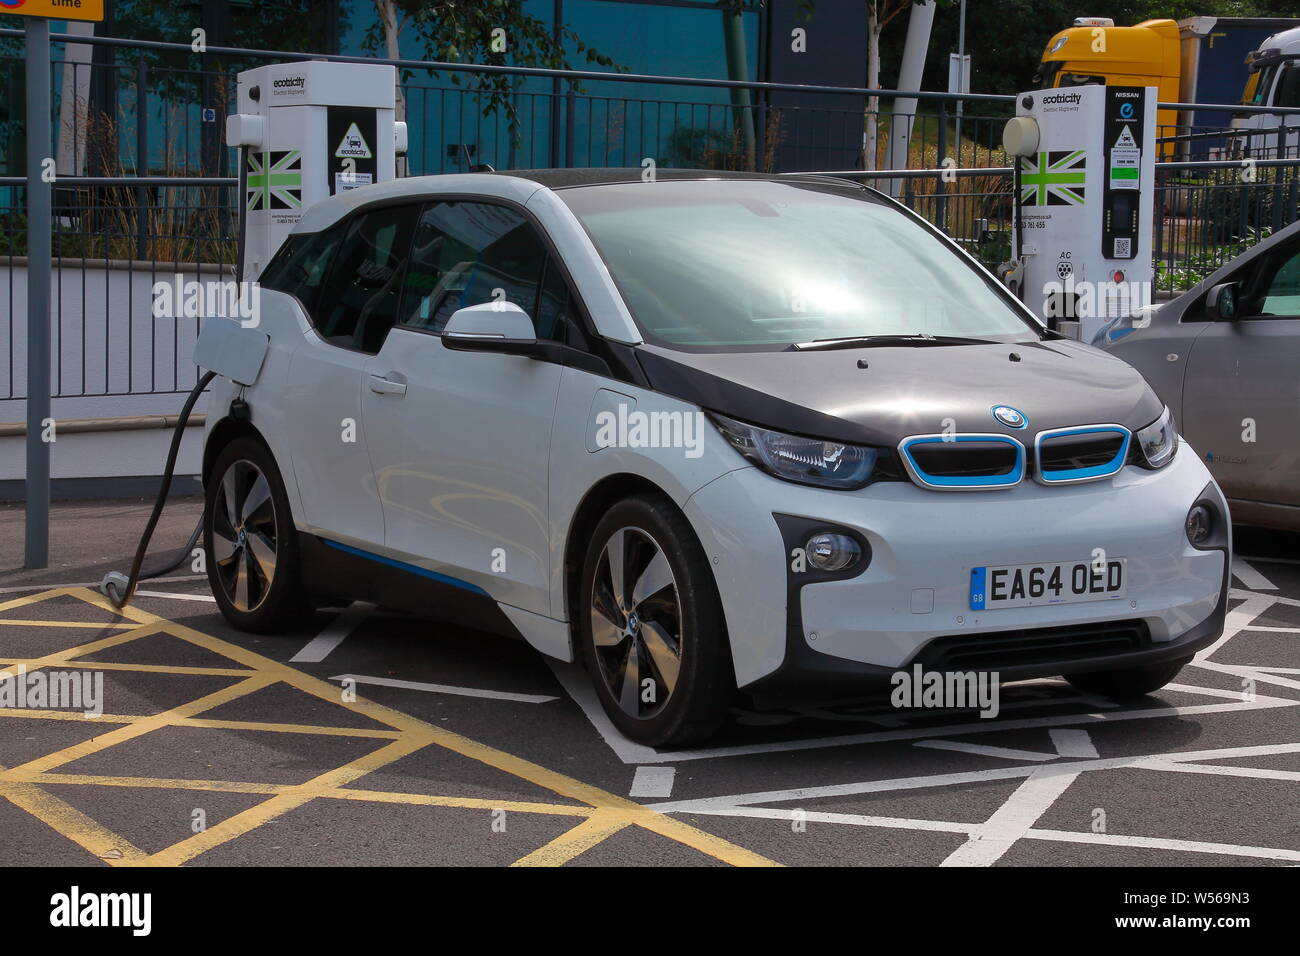 Aufladen des elektrischen Auto auf der Autobahn mit ökologisch erzeugtem Strom für das billige Öl Fahrt, die nicht die Welt kosten Stockfoto